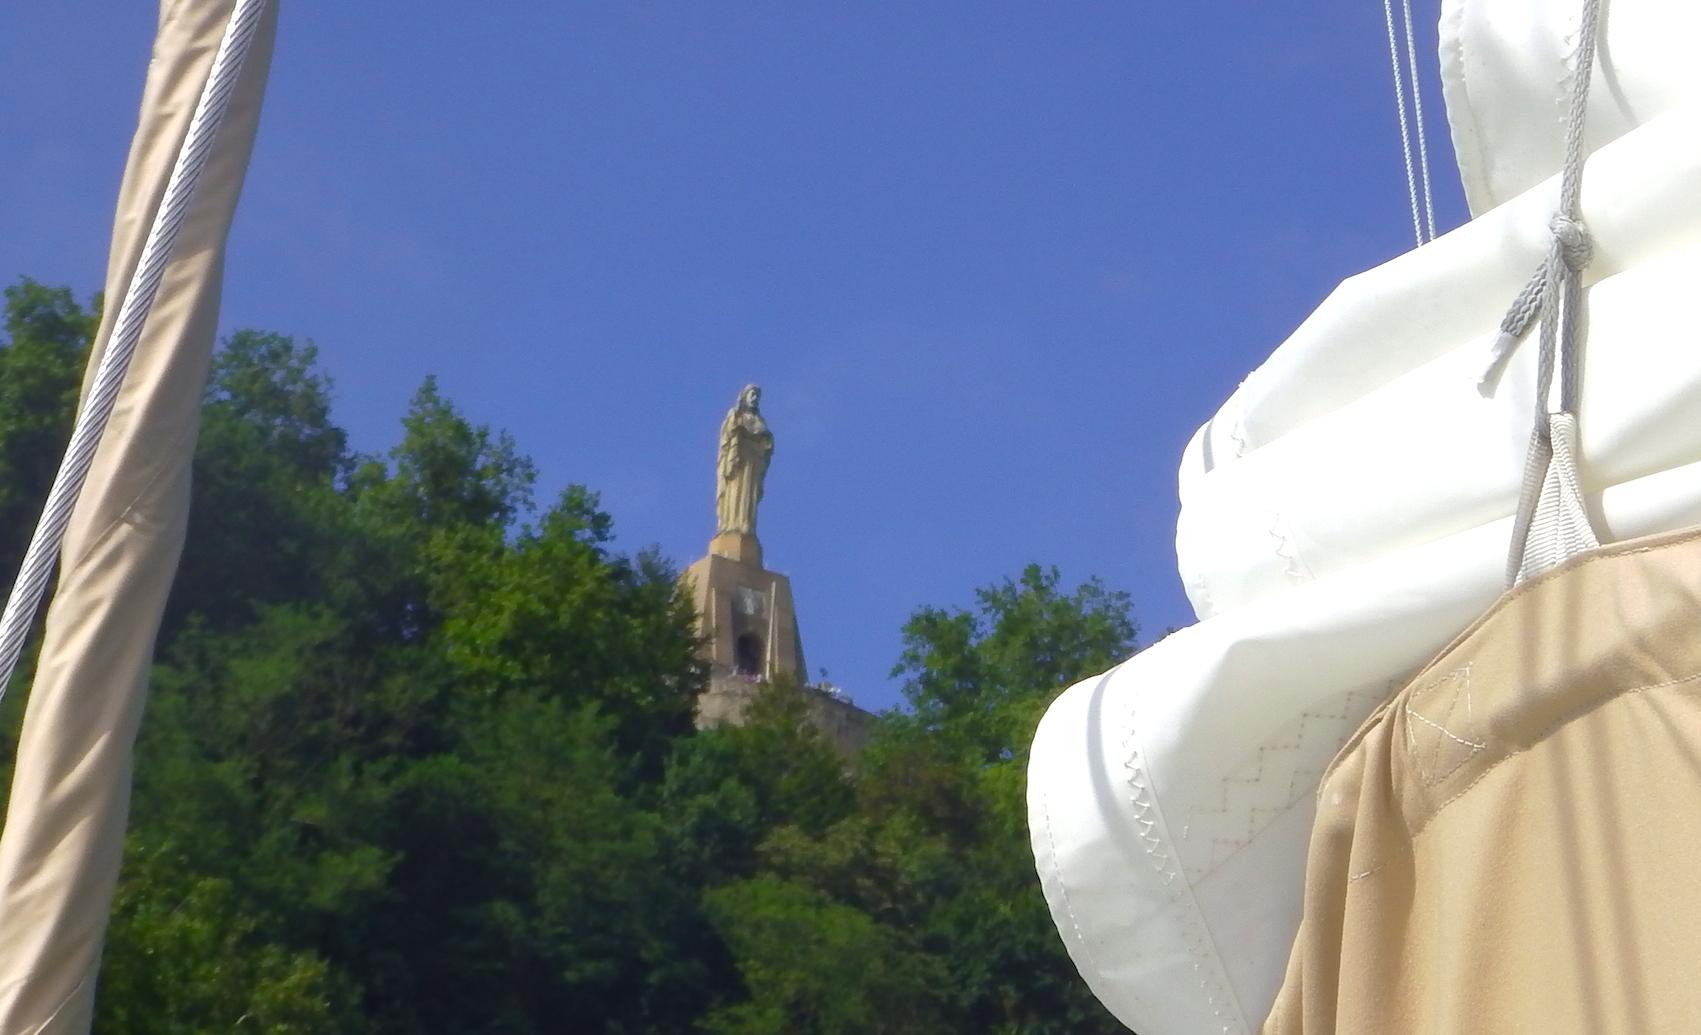 Semana-Grande-Feux-artifices-San-Sebastian-Le-cercle-evenements-agence-voyage-pays-basque-20